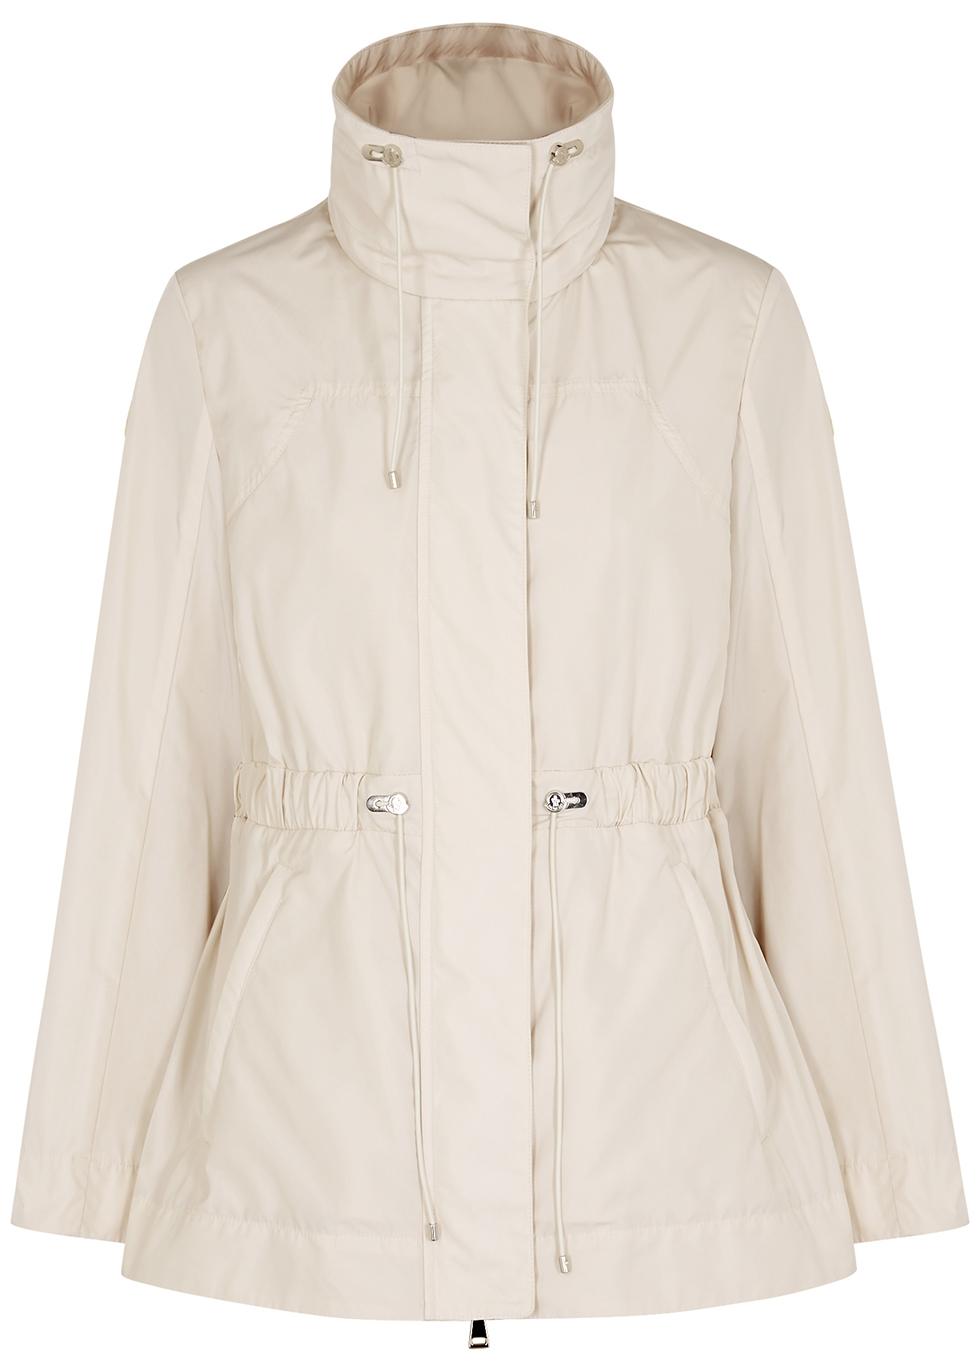 Ocre cream shell jacket